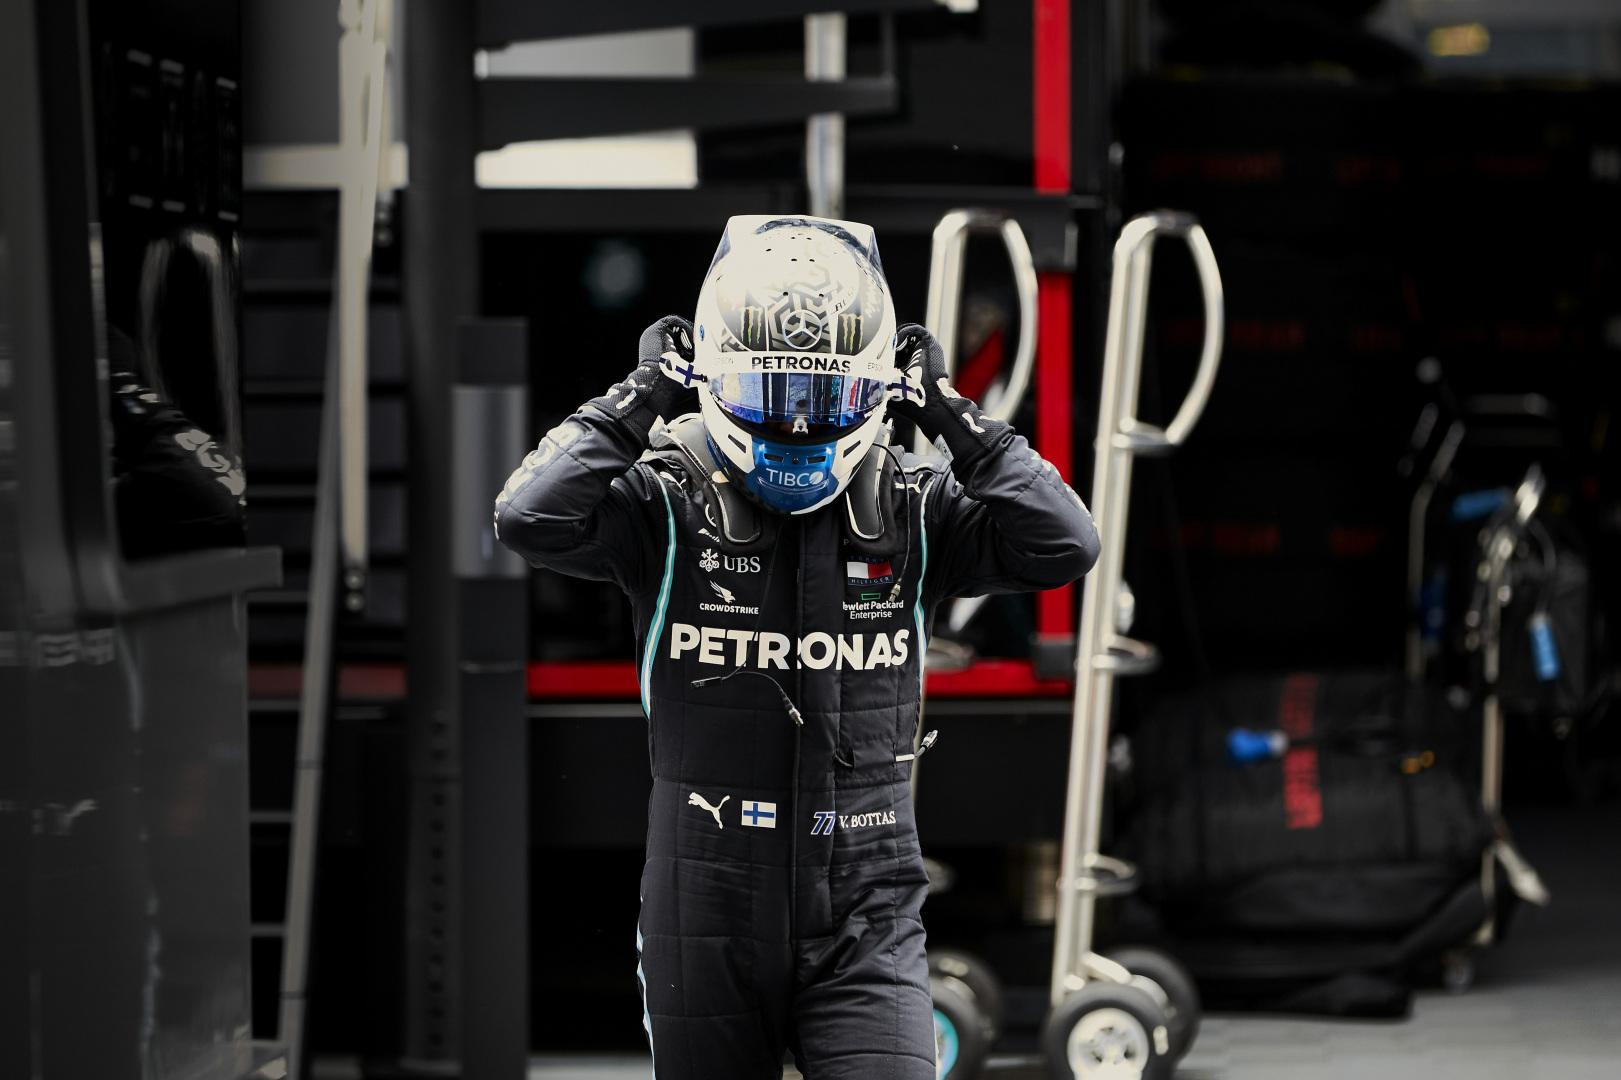 Valtteri Bottas signe la pole position au GP d'Autriche 1